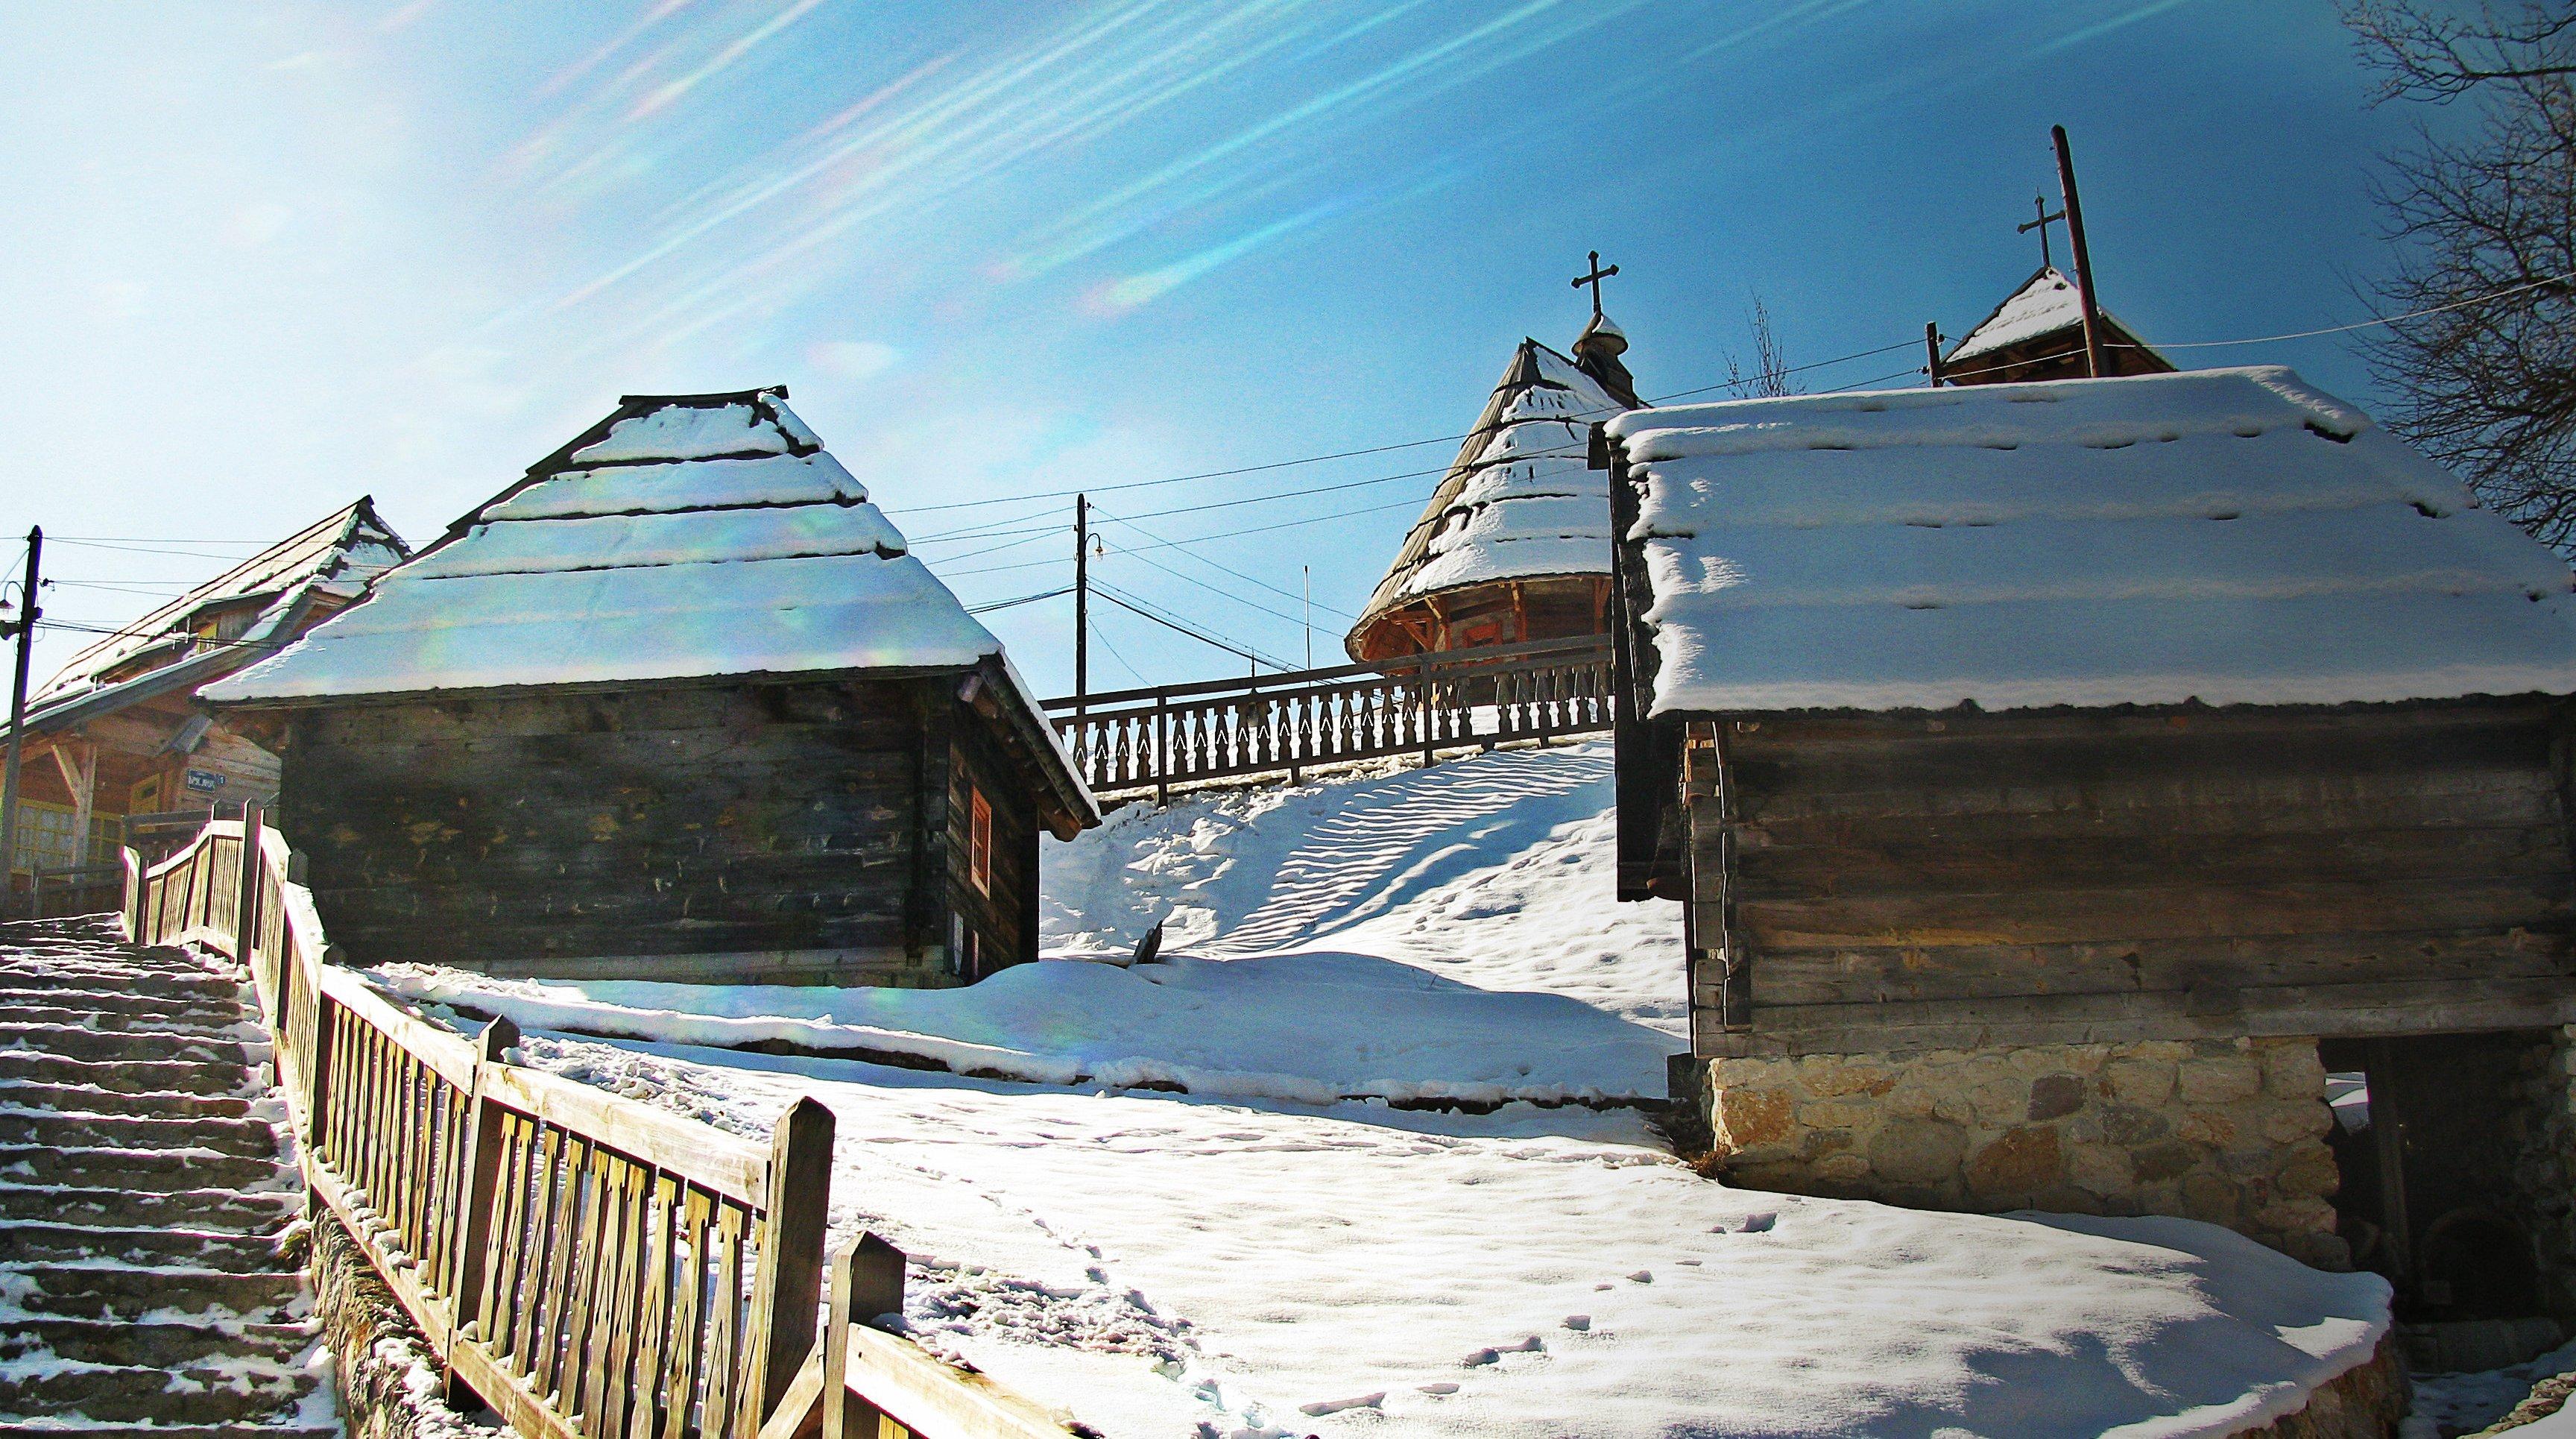 zimski vivaldi cmo cco forum